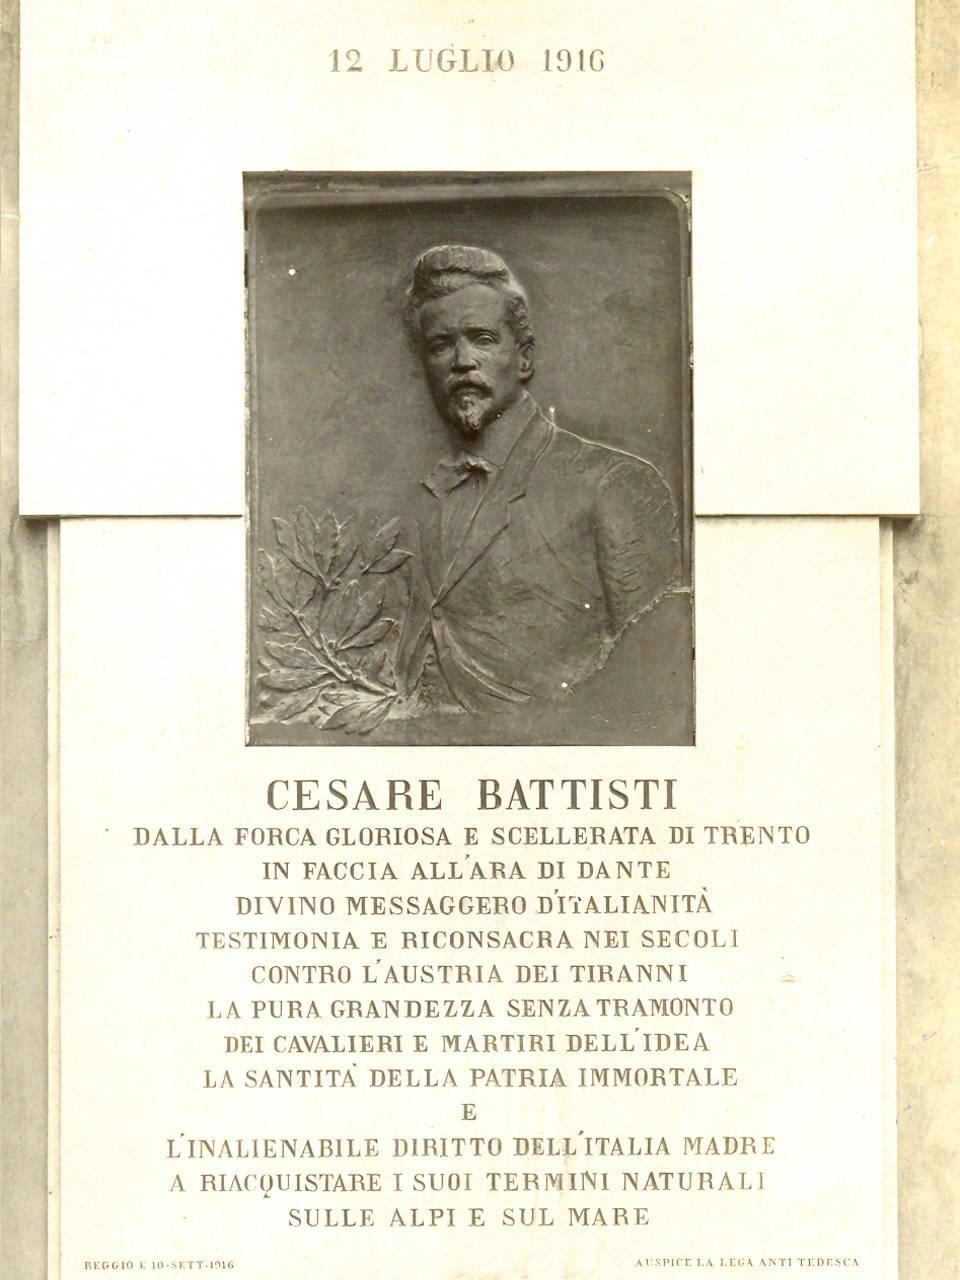 targa cesare battisti: Nel 1916 la piazza viene intitolata a Cesare Battisti, socialista irredentista trentino, che ha avuto con Reggio un legame particolare.